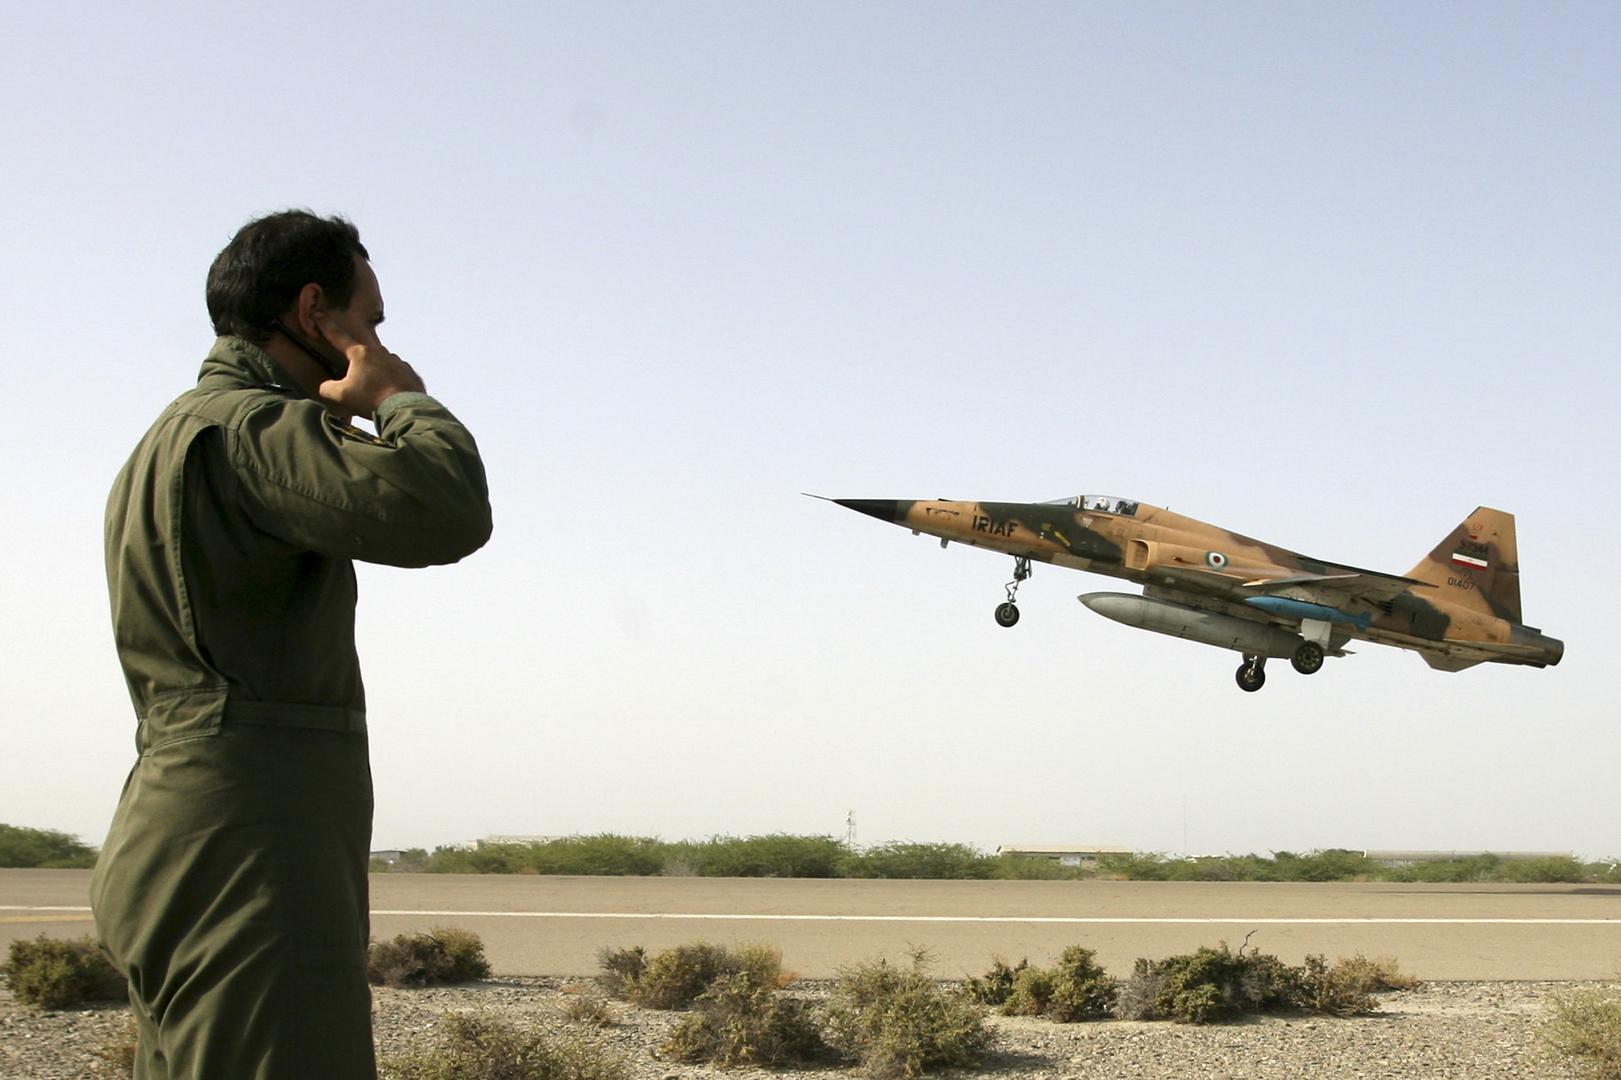 مراسلنا: مقتل طيارين اثنين في تحطم مقاتلة إيرانية من نوع